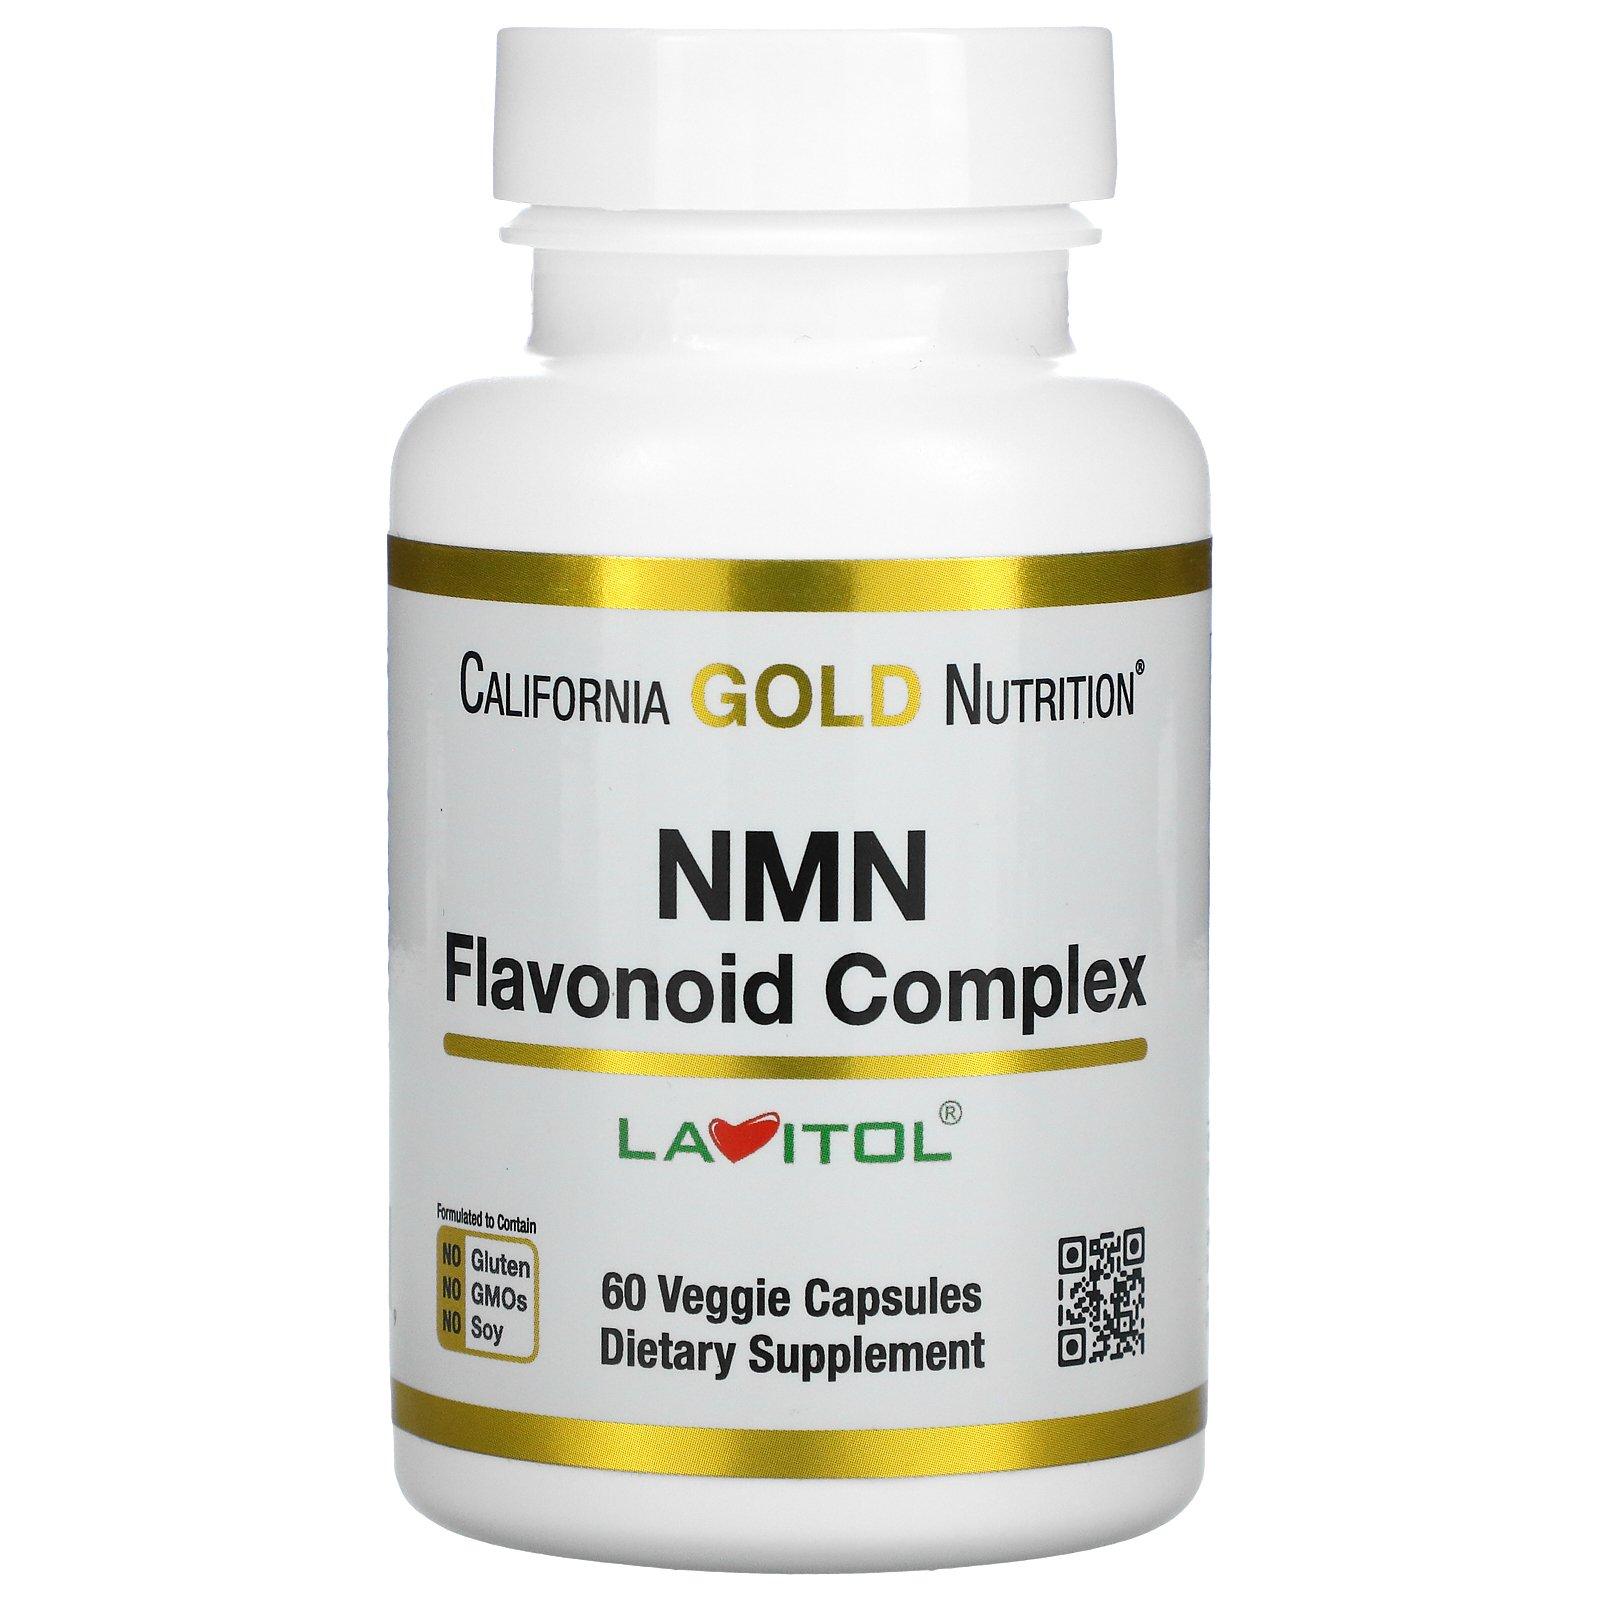 California Gold Nutrition, NMN (Flavonoid Complex), 60 Veggie Capsules